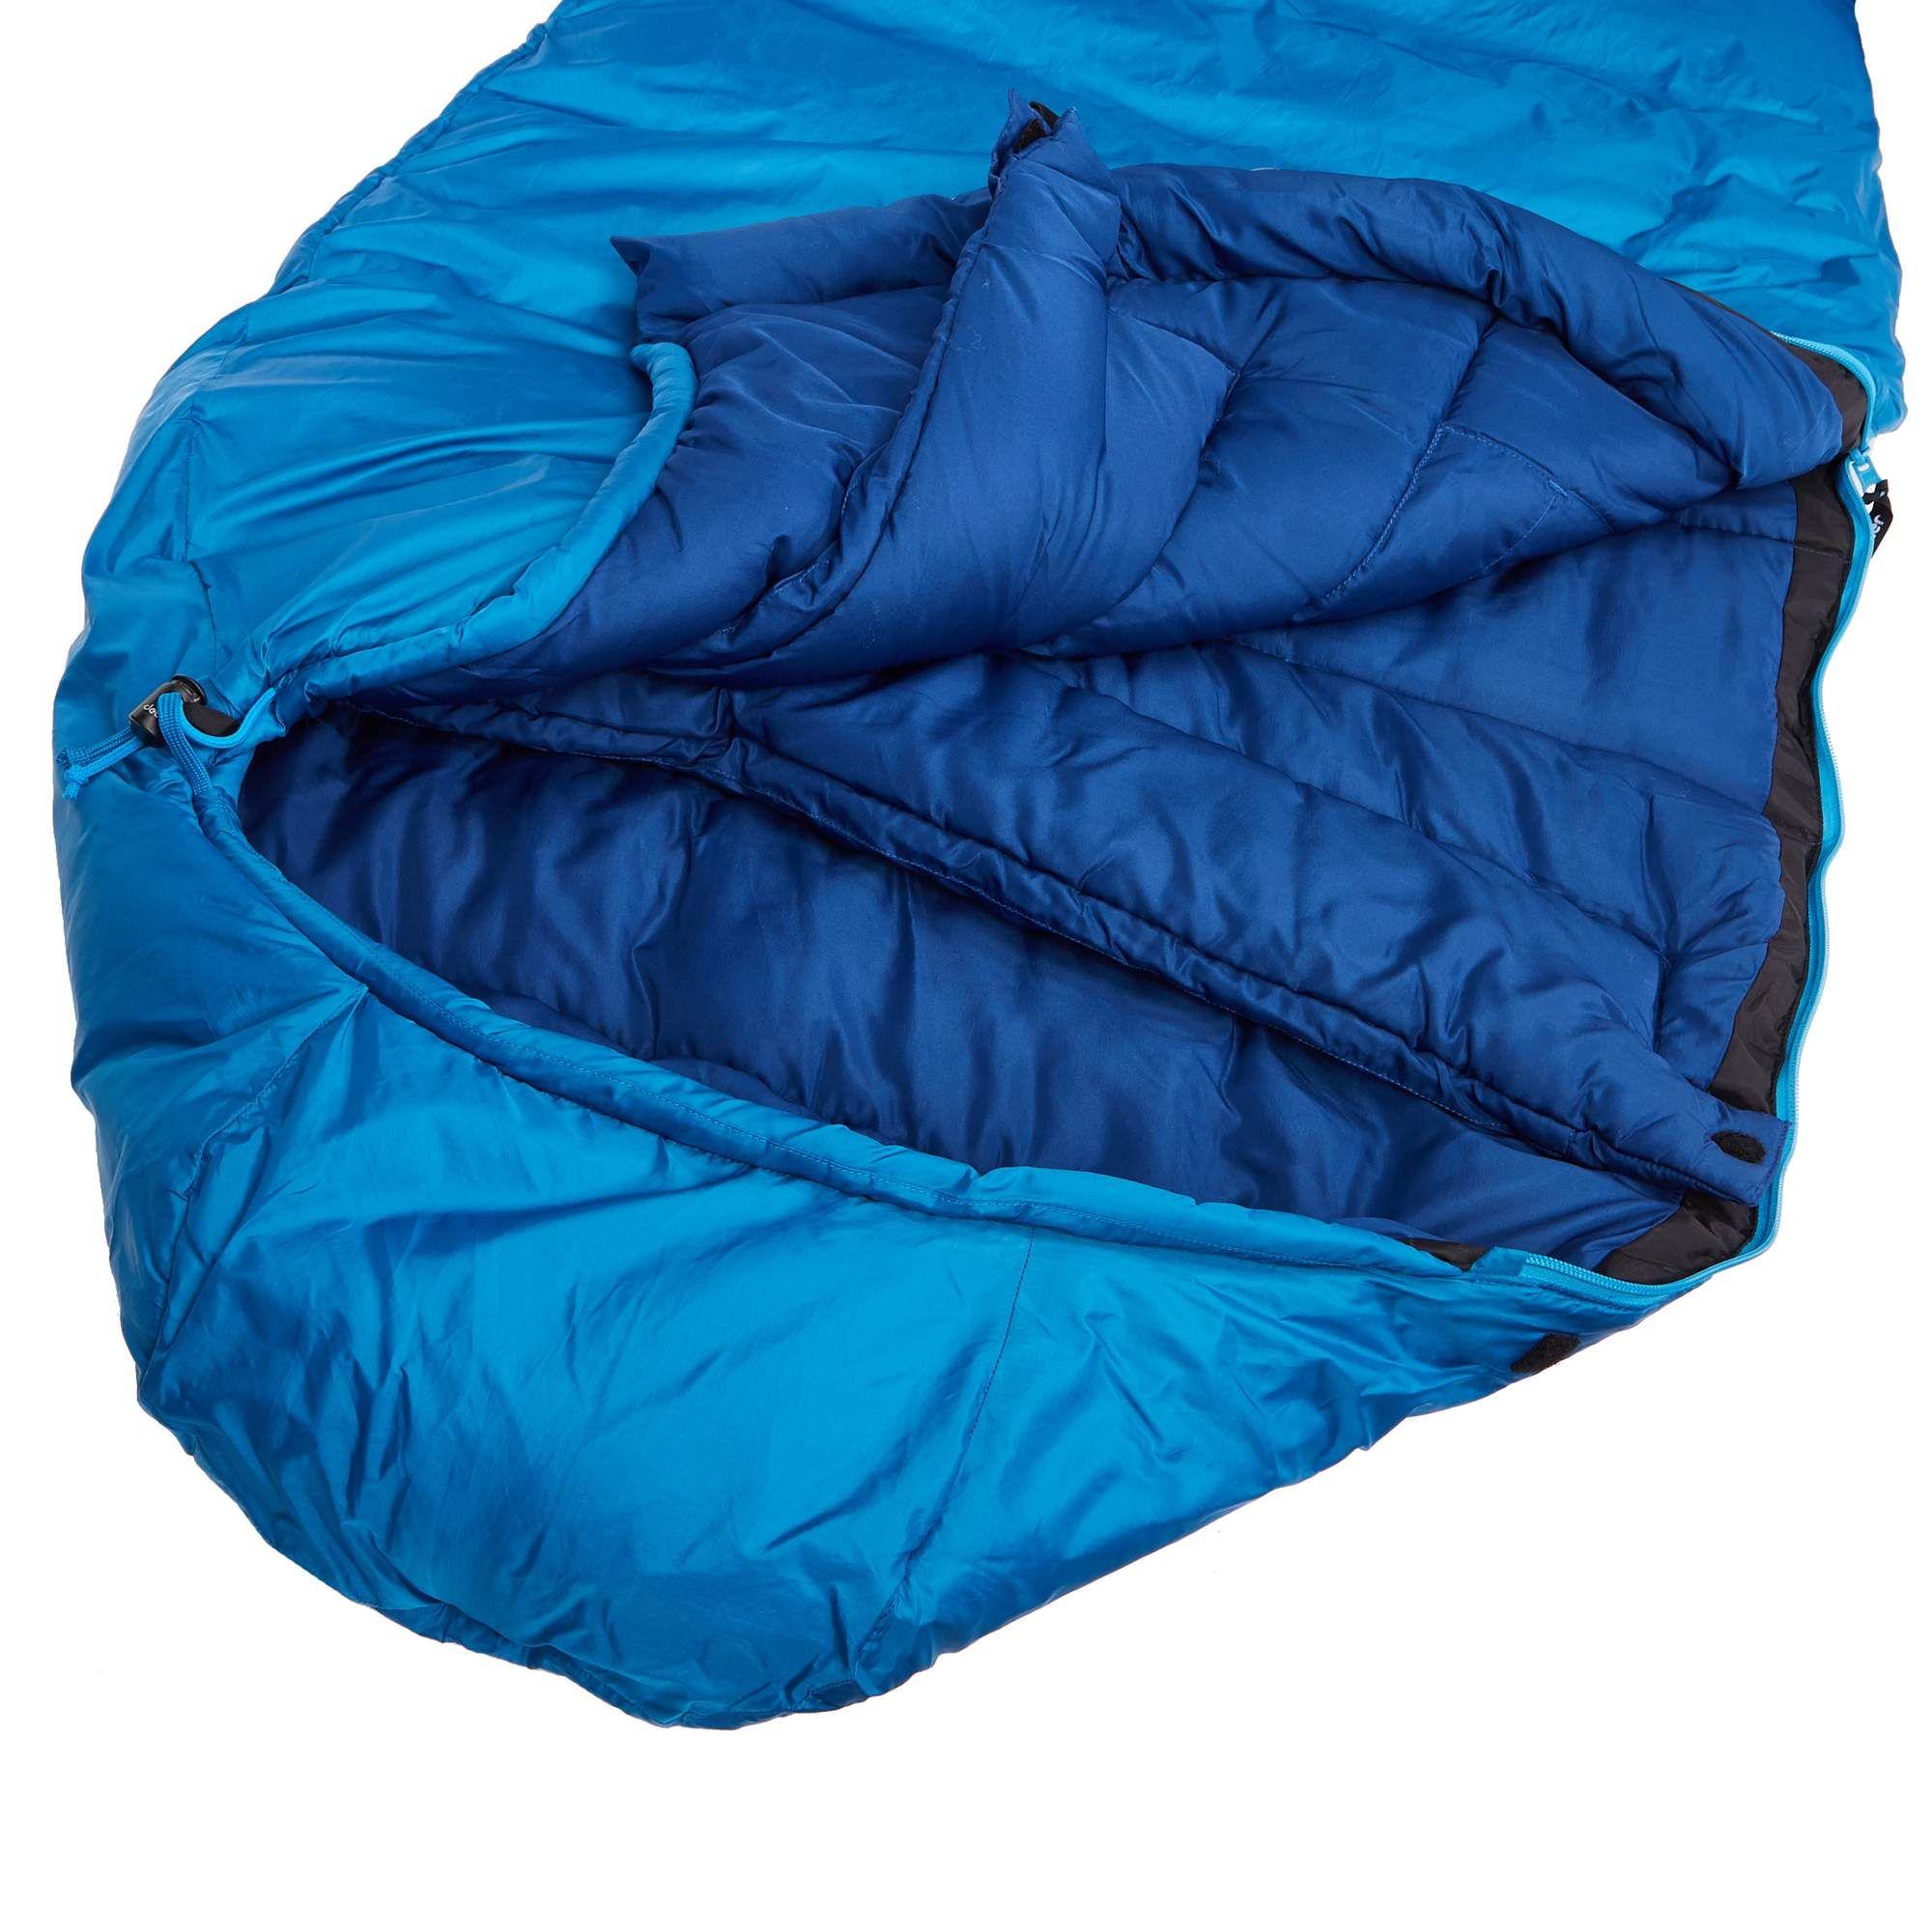 Спальный мешок Deuter Orbit 0° - фото 6